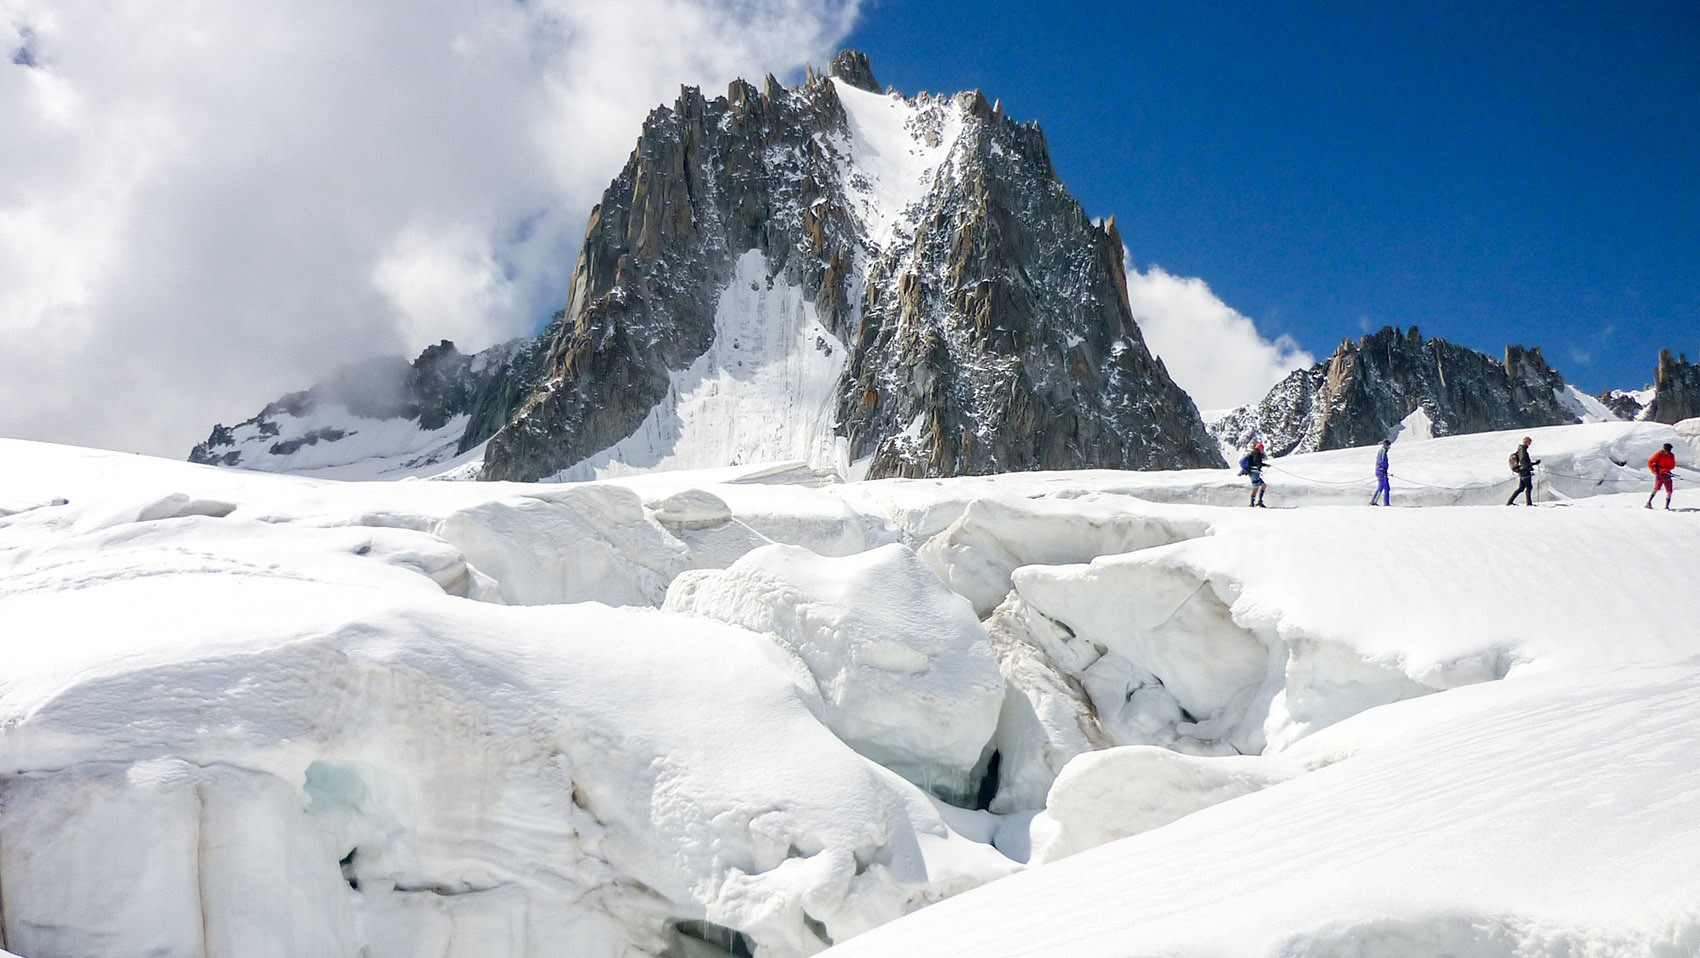 Crevasse Vallée Blanche